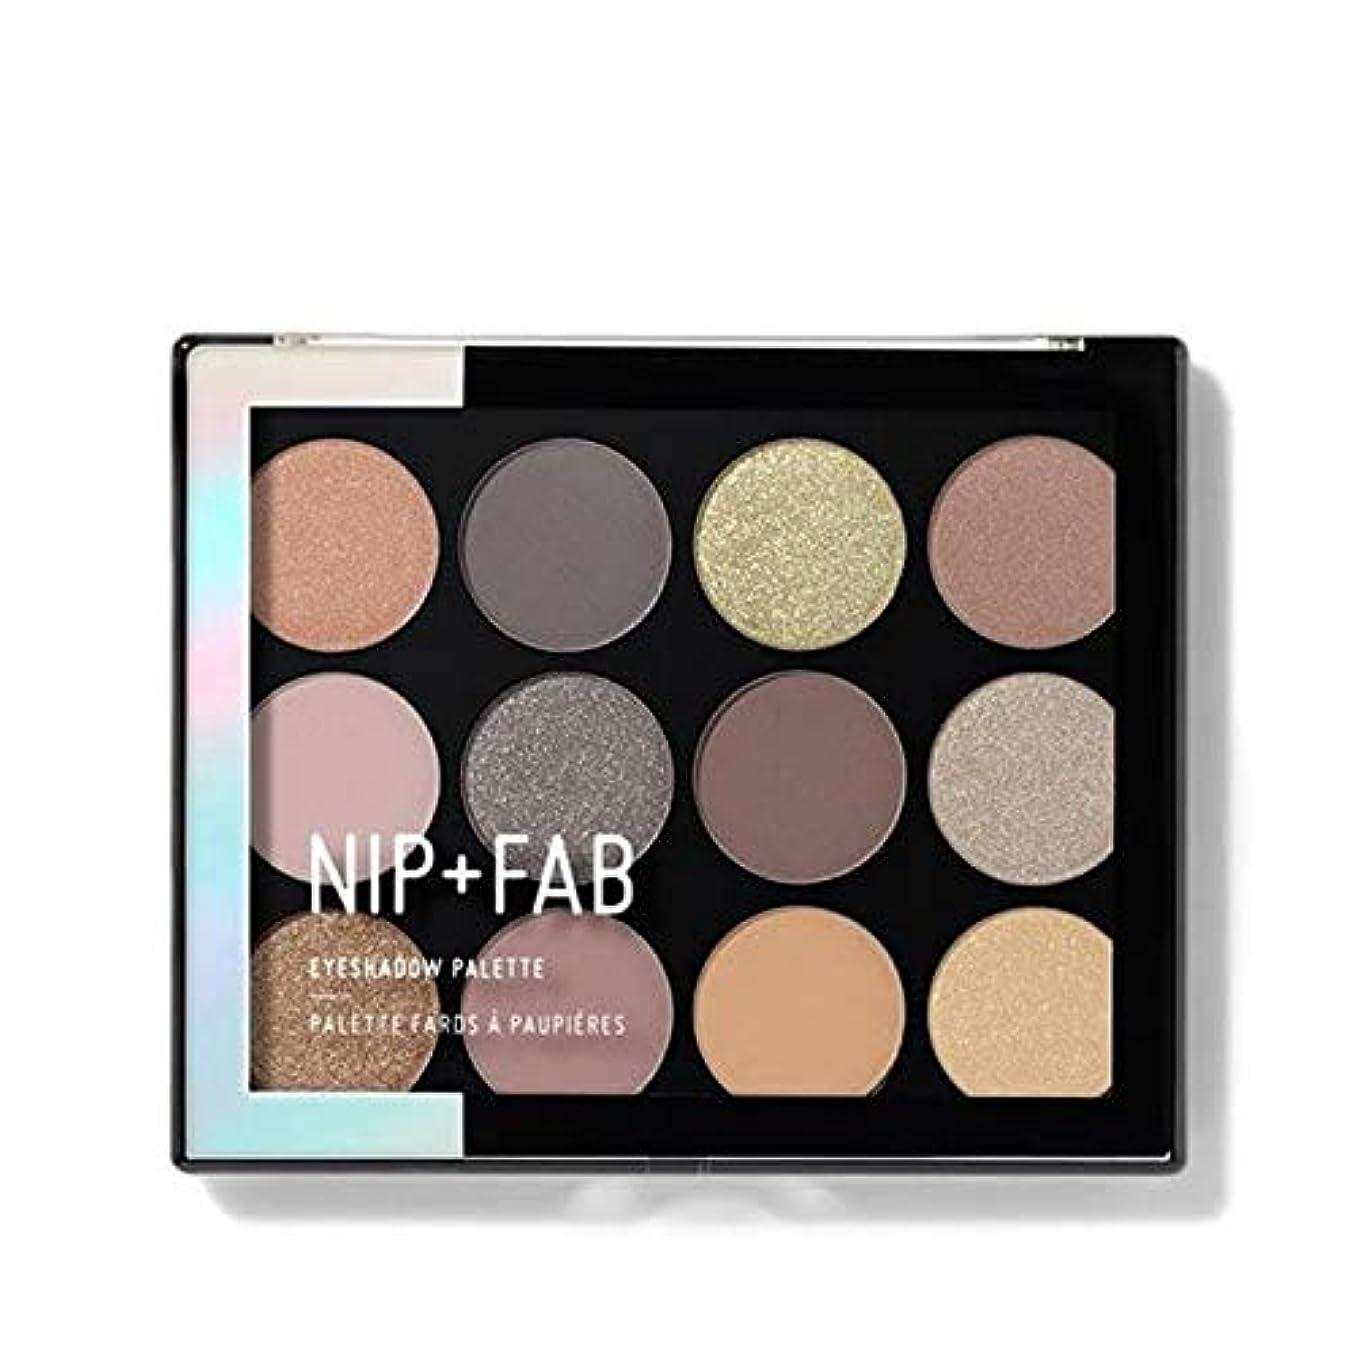 足枷パスタなぜ[Nip & Fab ] アイシャドウパレット12グラム穏やかグラム4を構成するFab +ニップ - NIP+FAB Make Up Eyeshadow Palette 12g Gentle Glam 4 [並行輸入品]